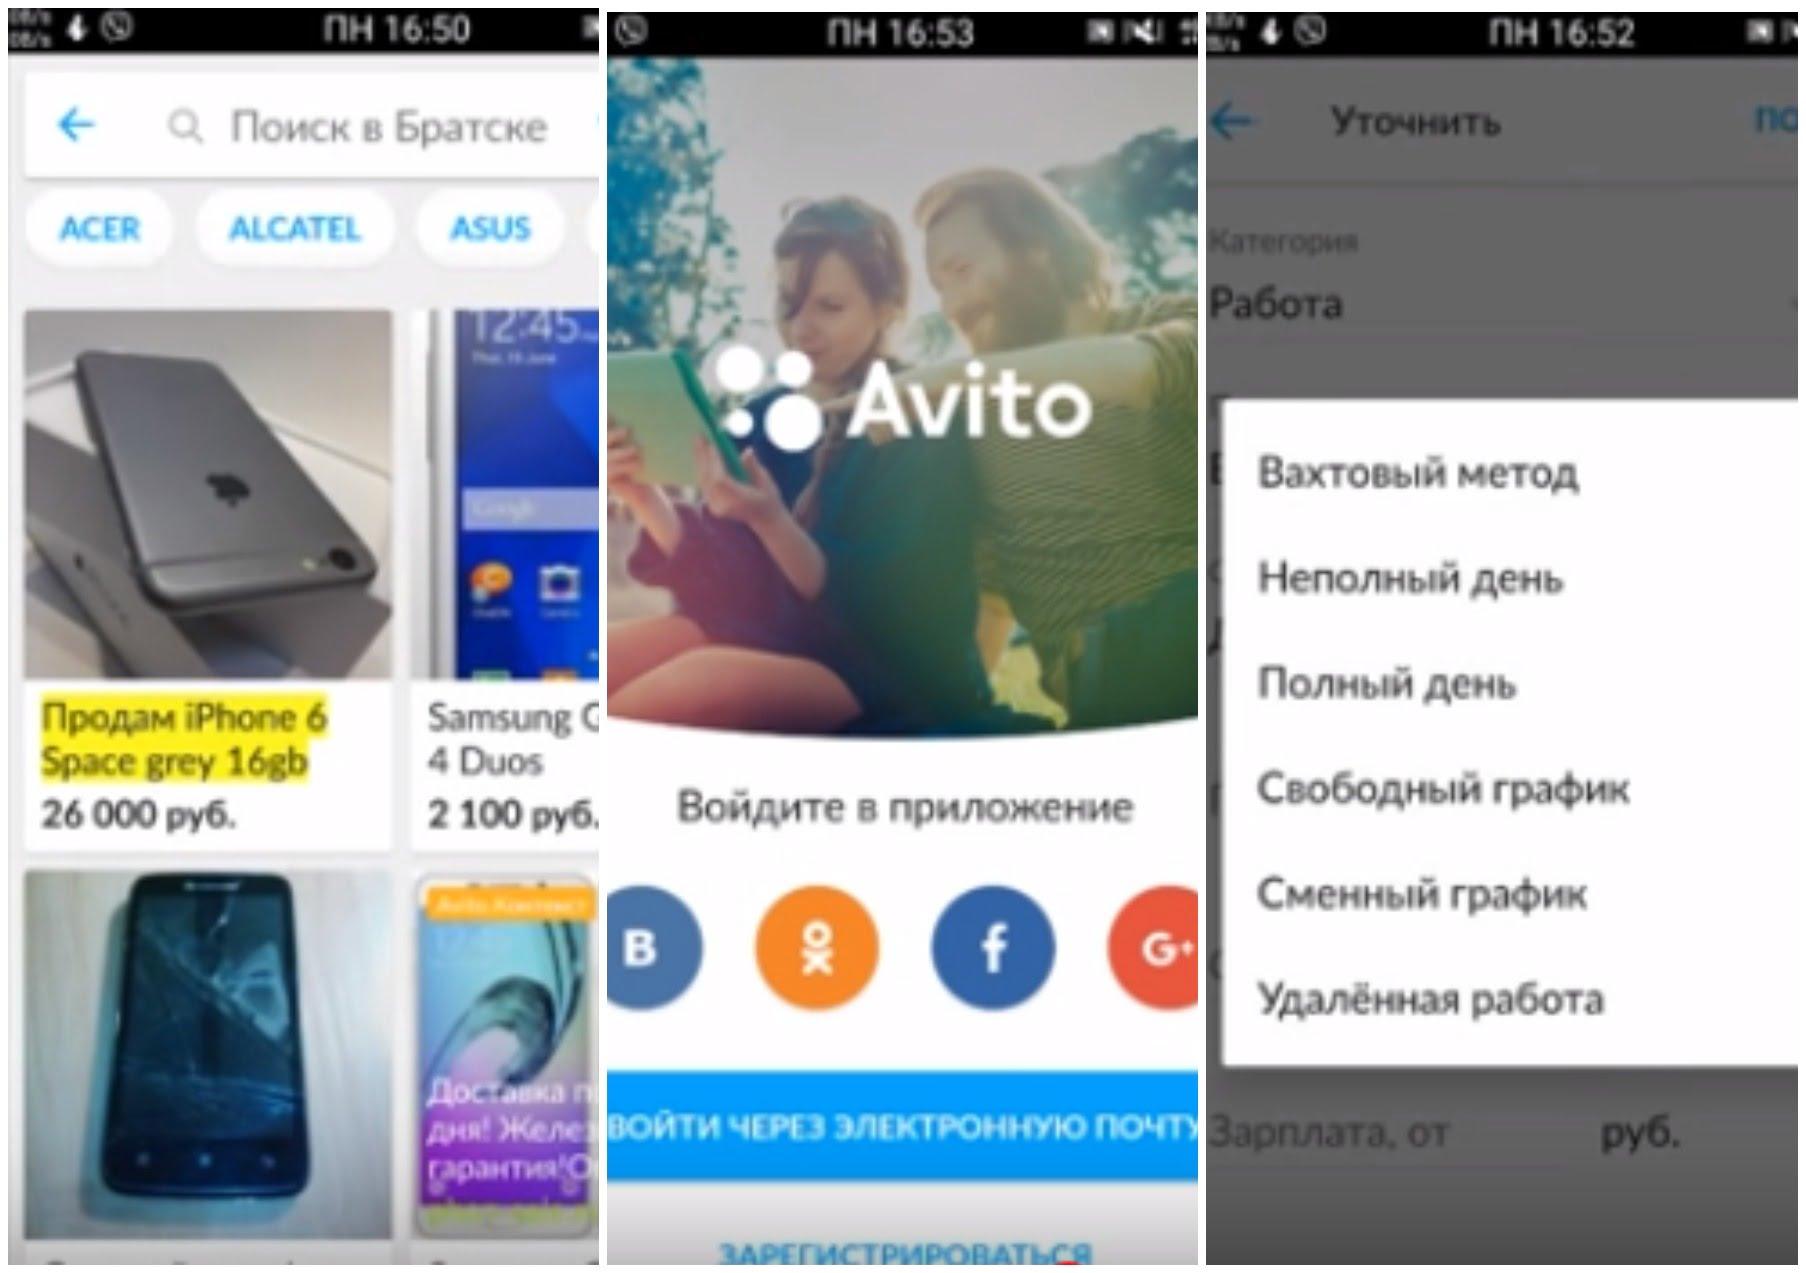 На фото приложение Avito